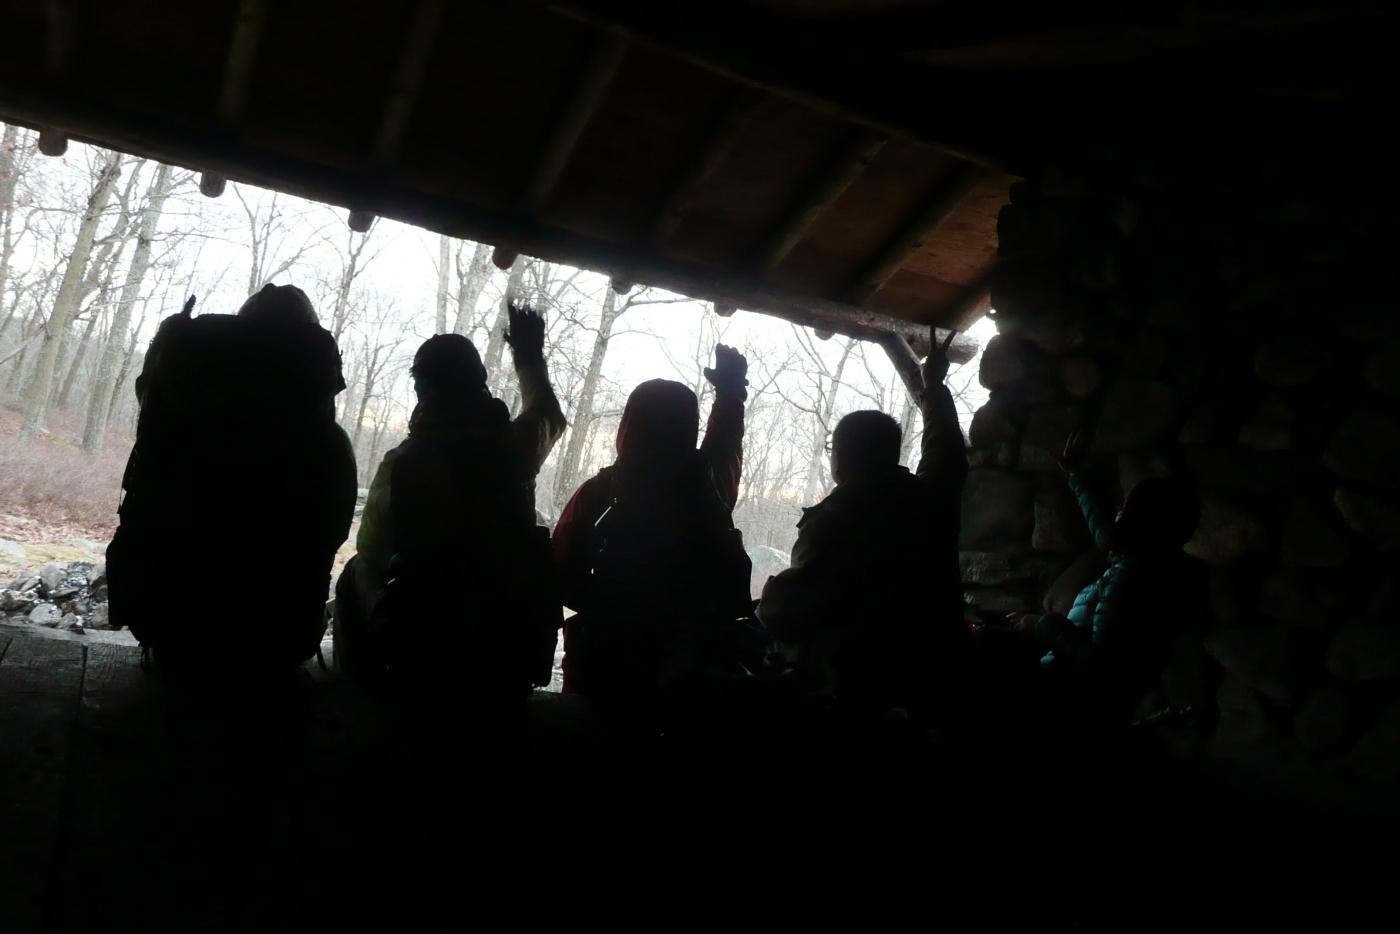 酷寒冬夜,翻山嶺,過溪河---夜山行之2 / Tuxedo/Sebago -- Night Hike Take 2 ... .. ..._图1-4